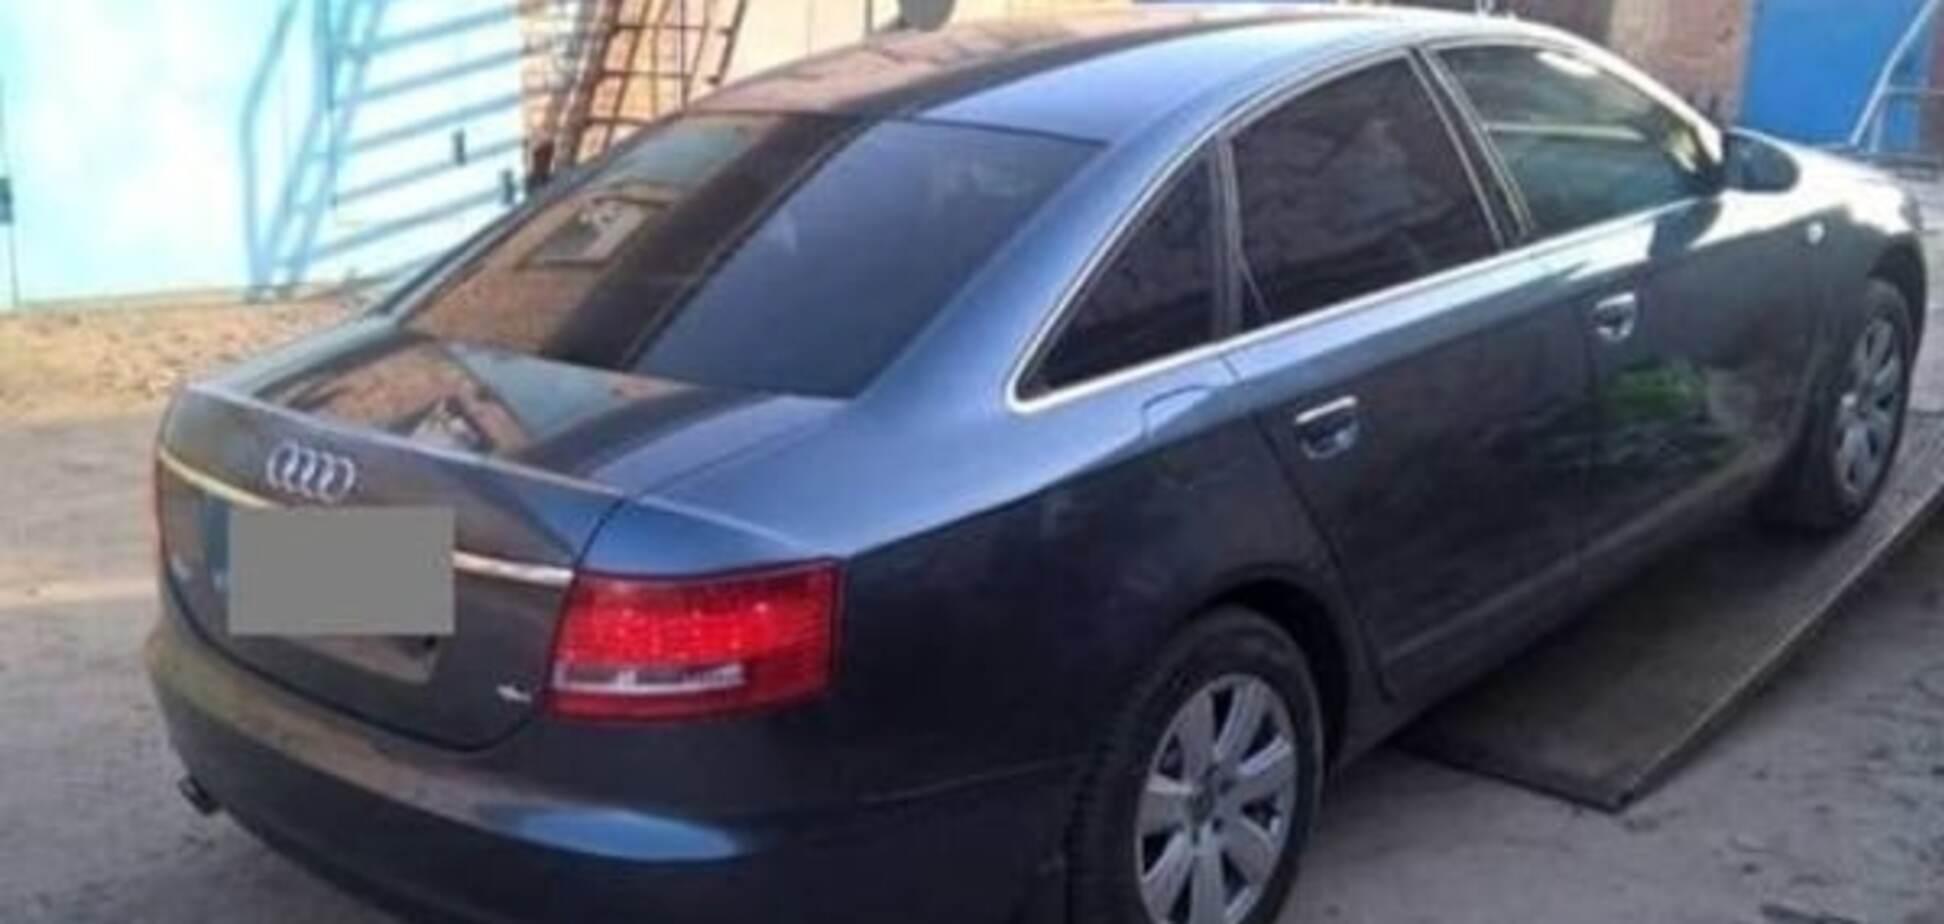 Зникнення водія Blablacar: стало відомо ім'я другого підозрюваного